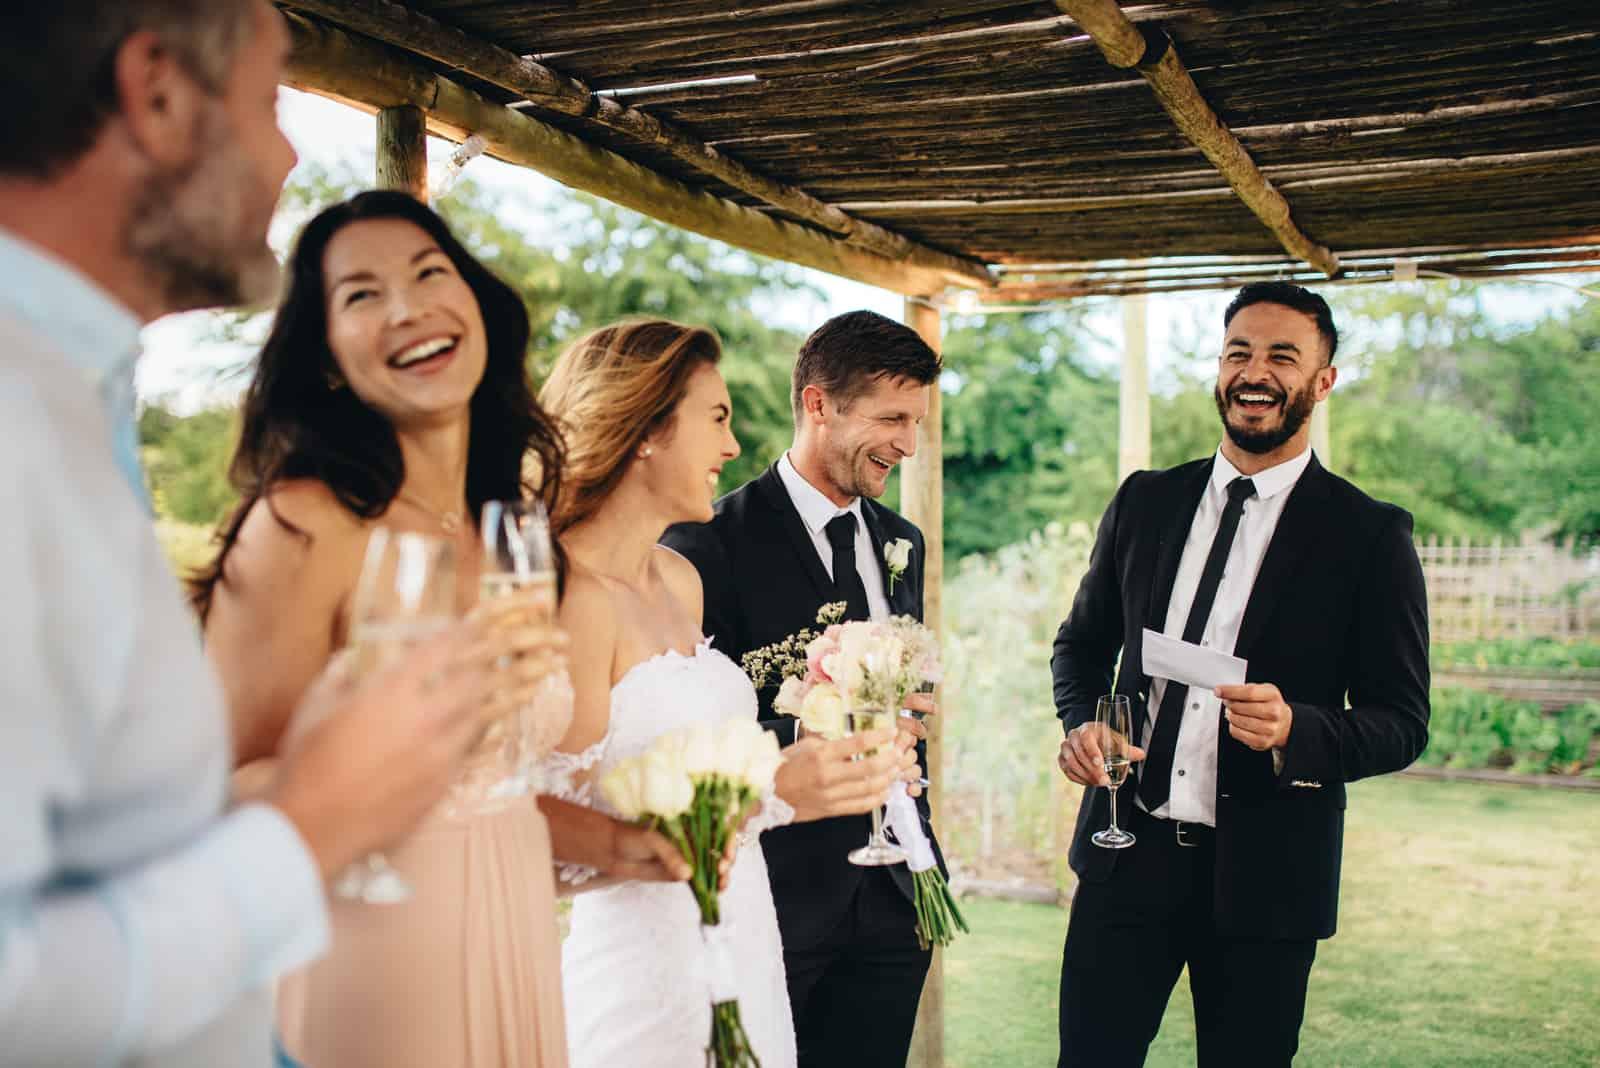 Trauzeuge, die Rede zum frisch verheirateten Paar auf Hochzeitsempfang hält